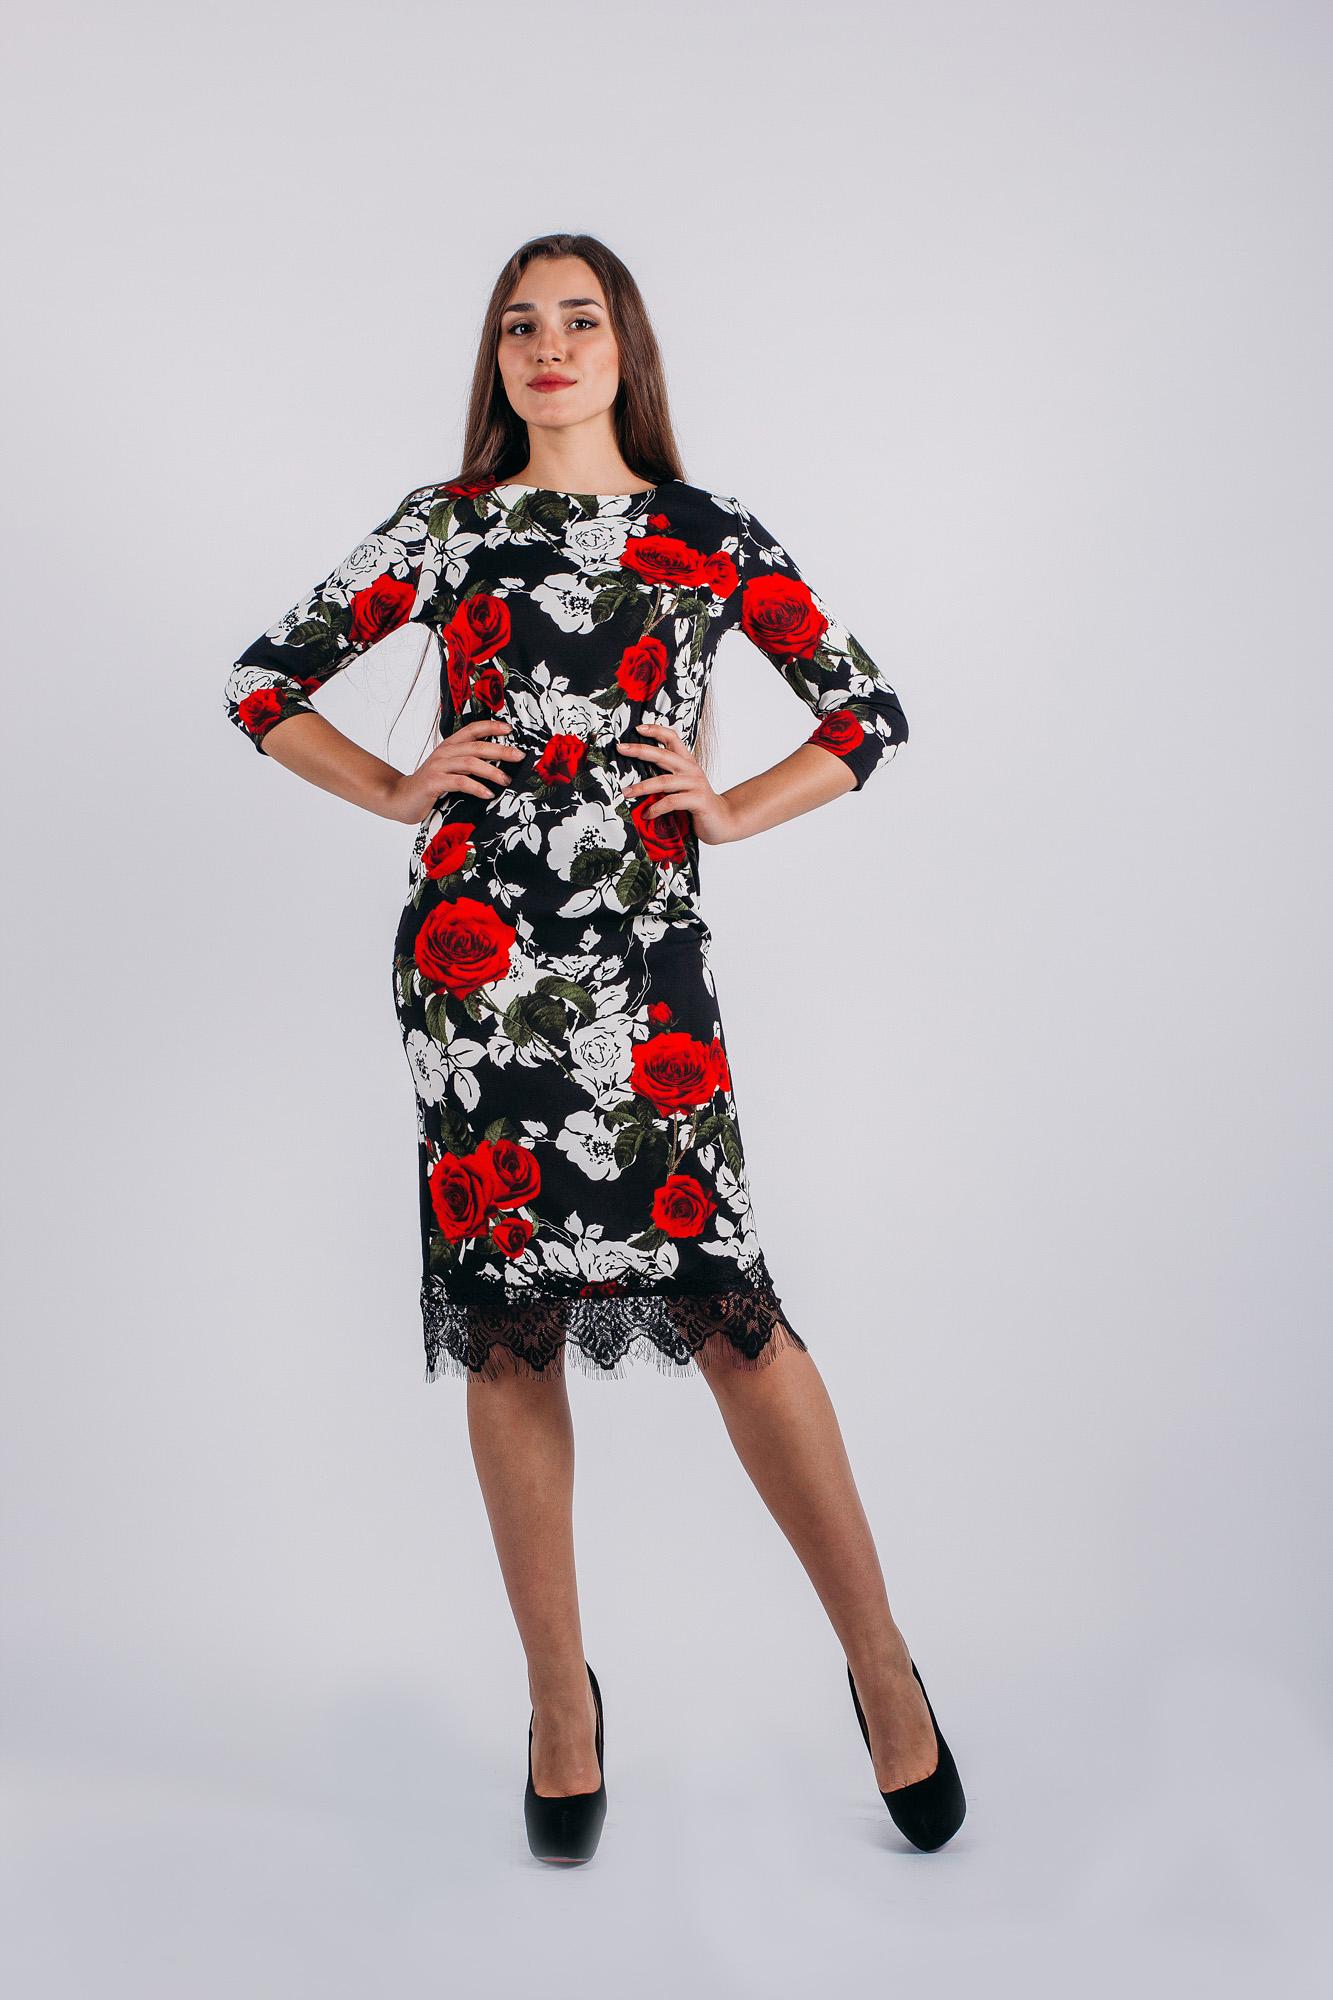 Платье. 738738Потрясающее трикотажное платье Lautus, выполненное из высококачественного плотного материала, оформлено цветочным принтом. Модель-миди, с рукавами 3/4 и круглым вырезом горловины, на талии подчеркнуто эластичной резинкой, за счет чего платье смотрится очень женственно. Низ изделия дополнен кружевной тканью с бахромой. В таком наряде вы, безусловно, привлечете восхищенные взгляды окружающих.